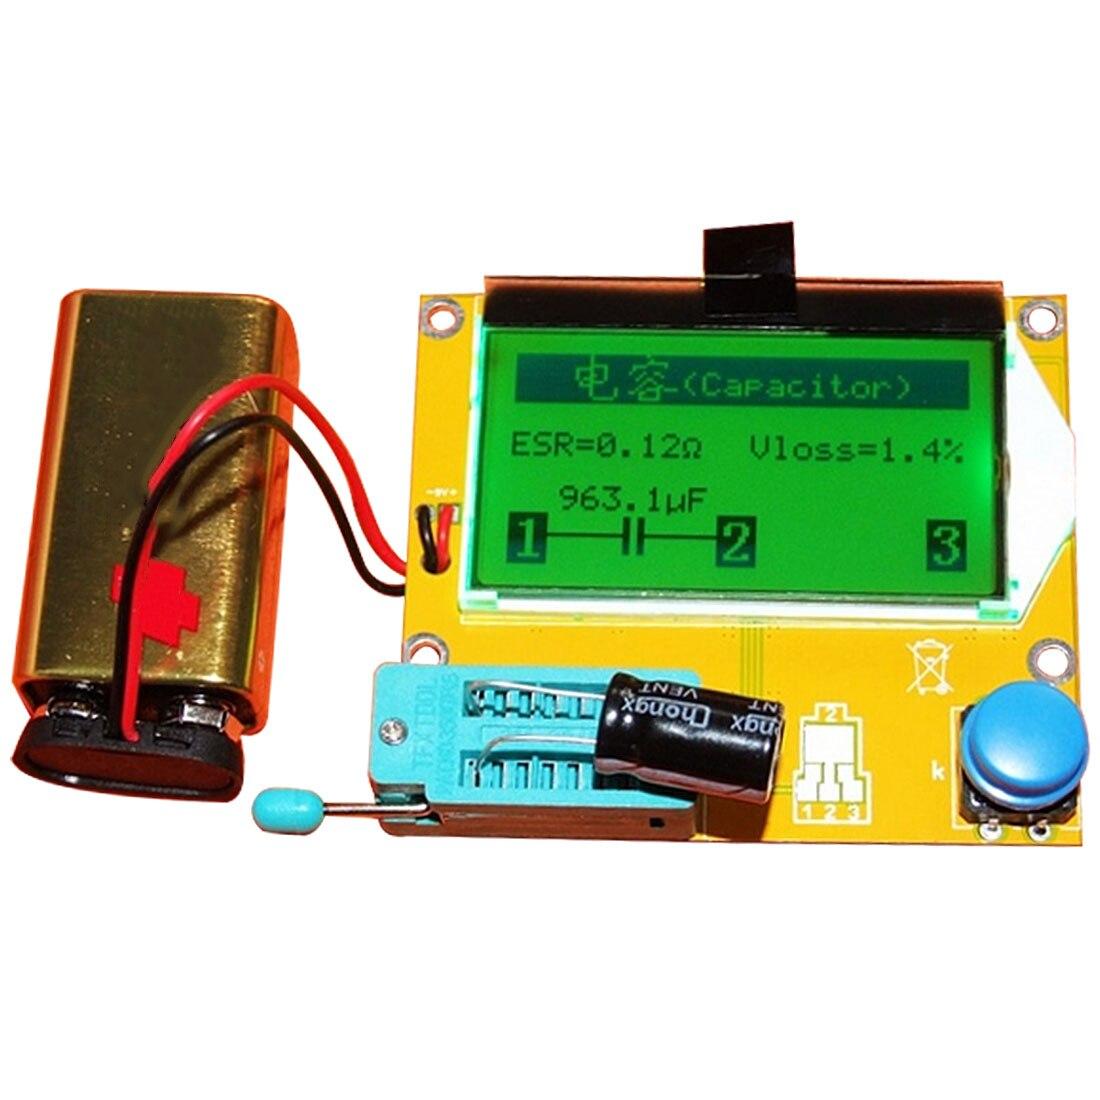 1 шт. M328 LCR-T4 12846 ЖК-цифровой тестер транзисторов измеритель емкости диода Триод ESR измеритель MOS/PNP/NPN L/C/R